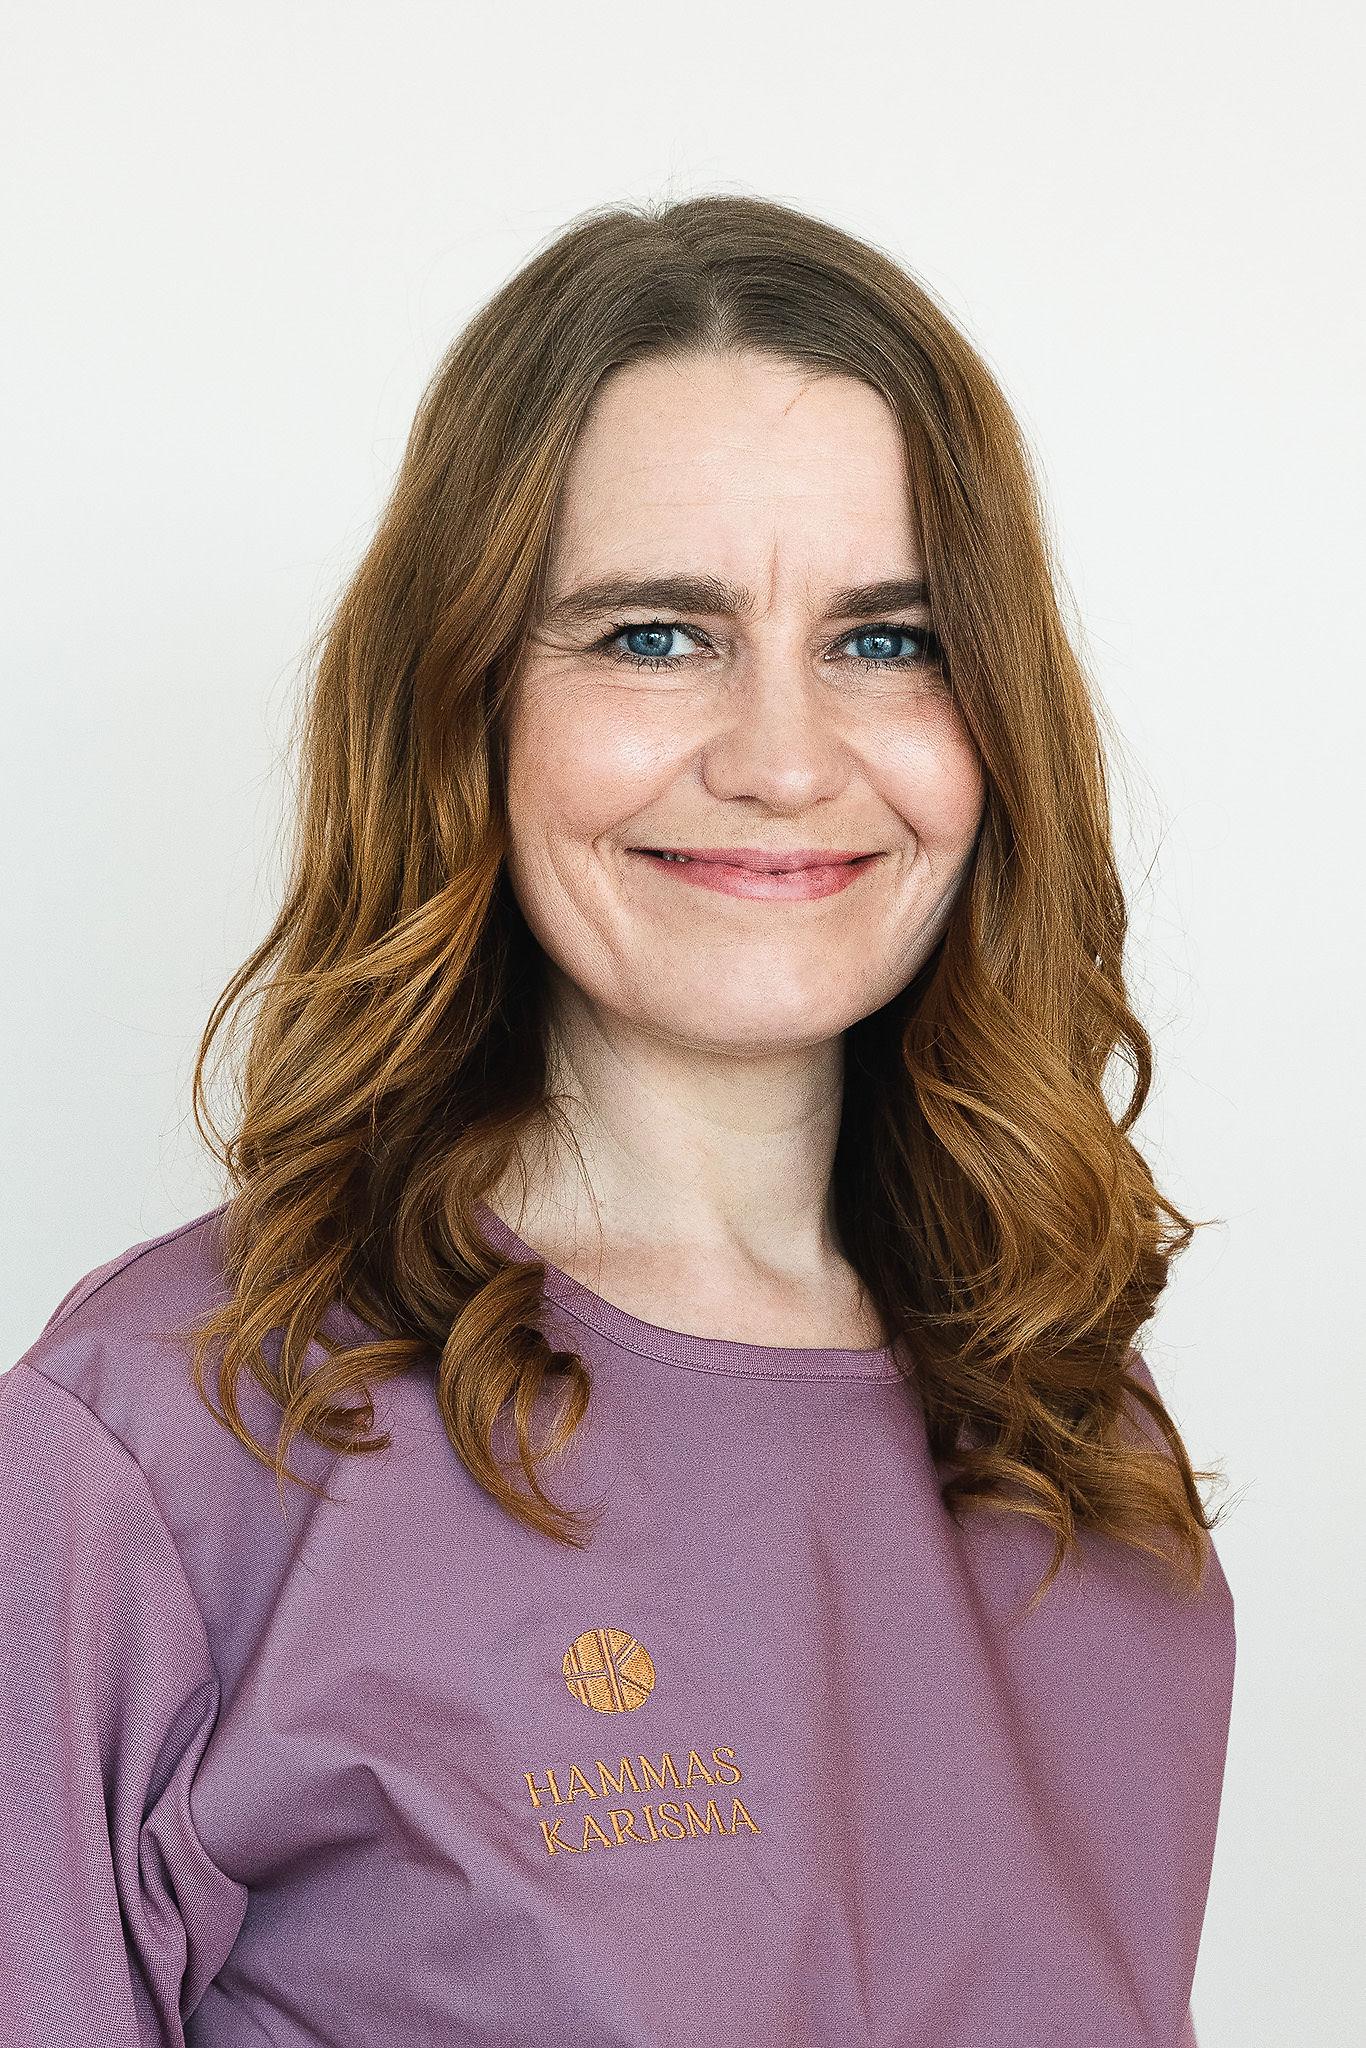 Susanna Kanerva